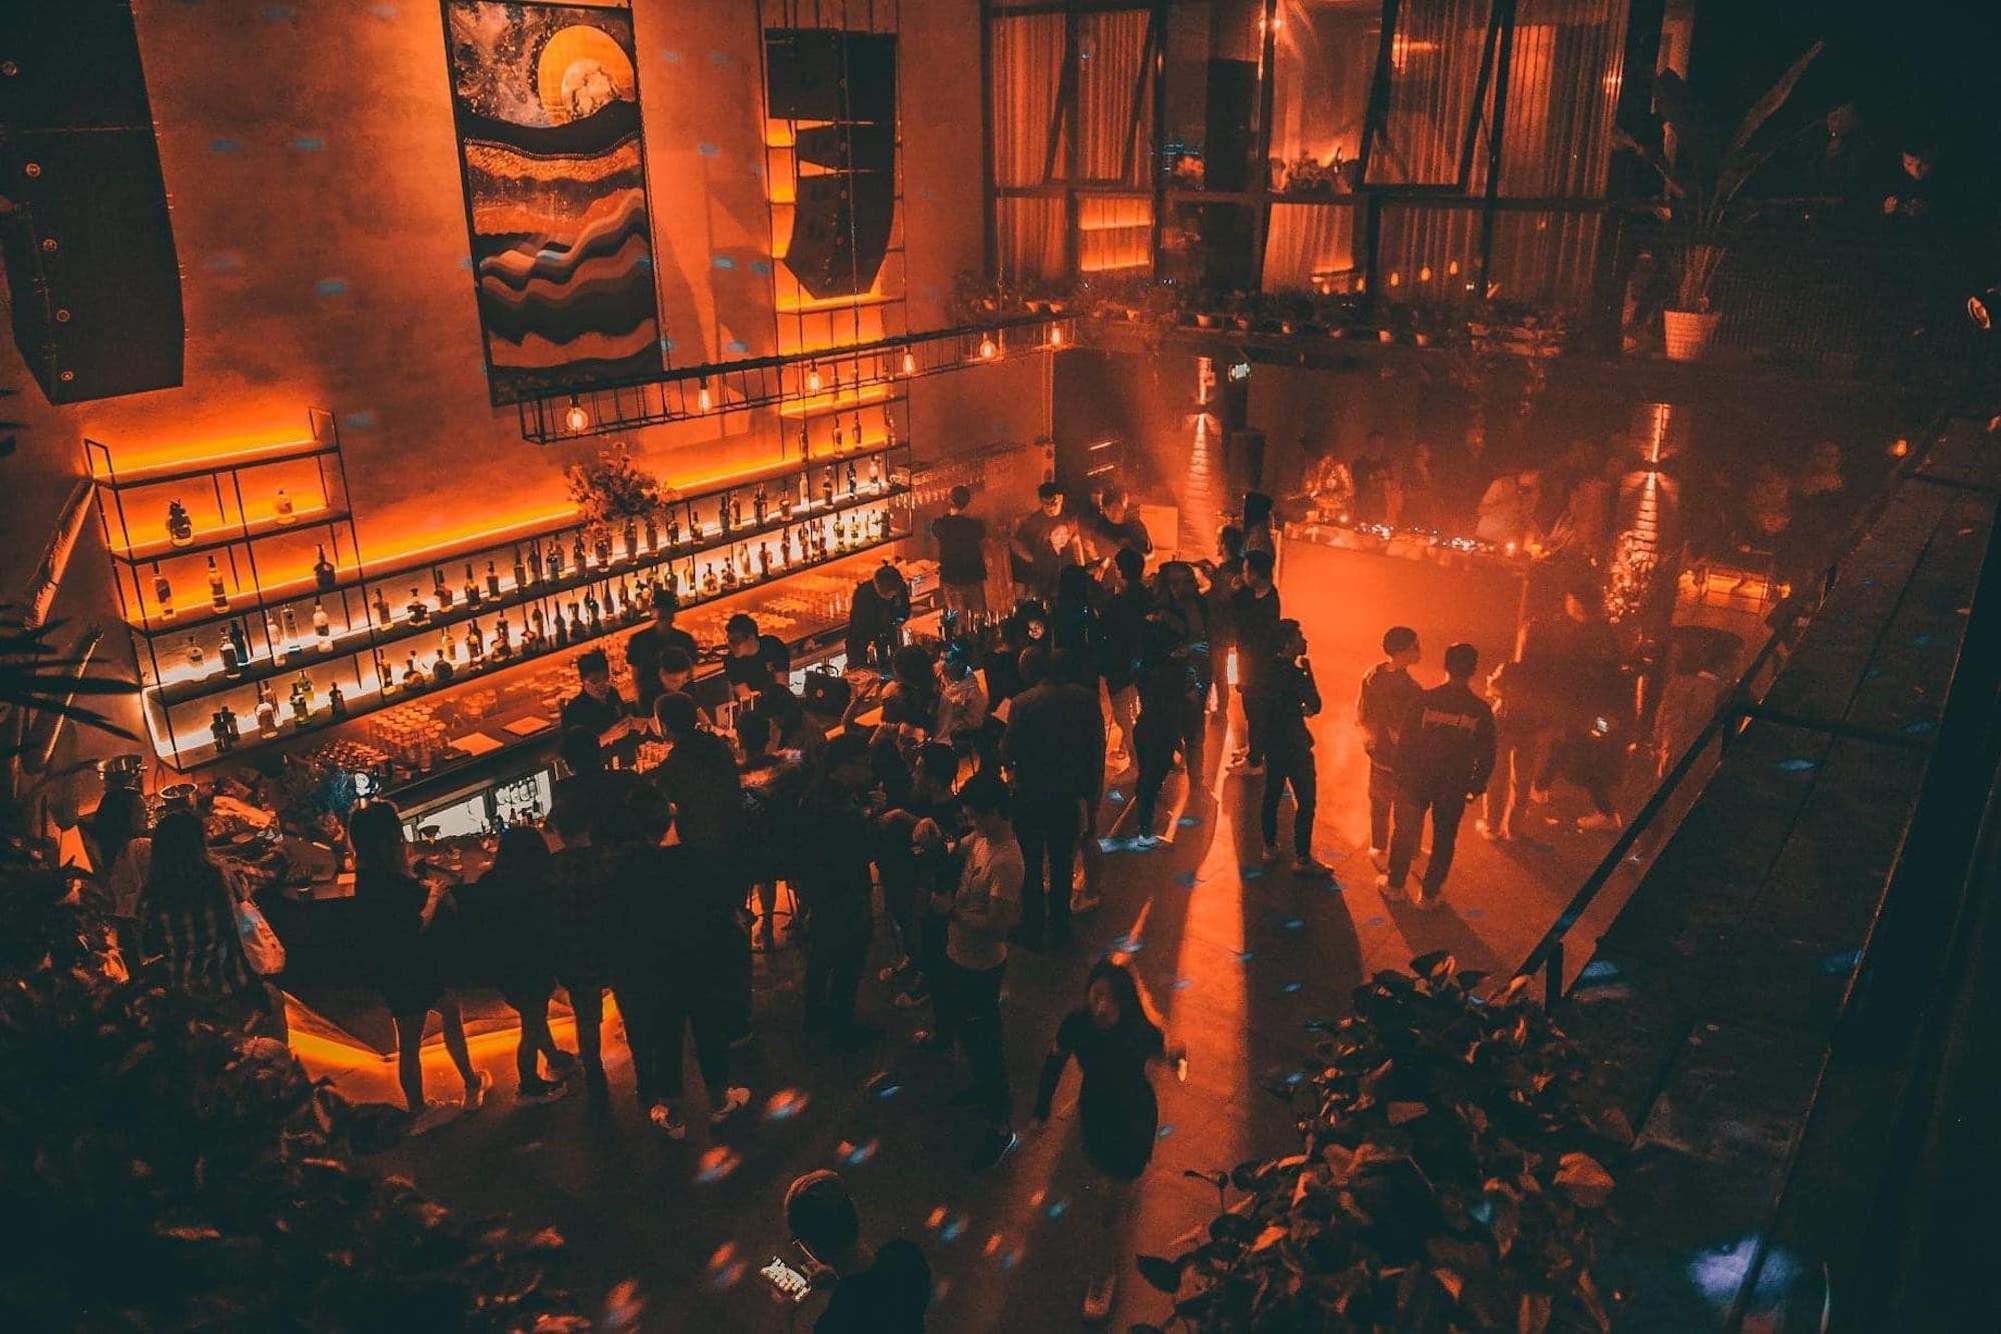 Tưng bừng tại 5 quán bar, club và sự kiện thân thiện với LGBT+ ở Hà Nội